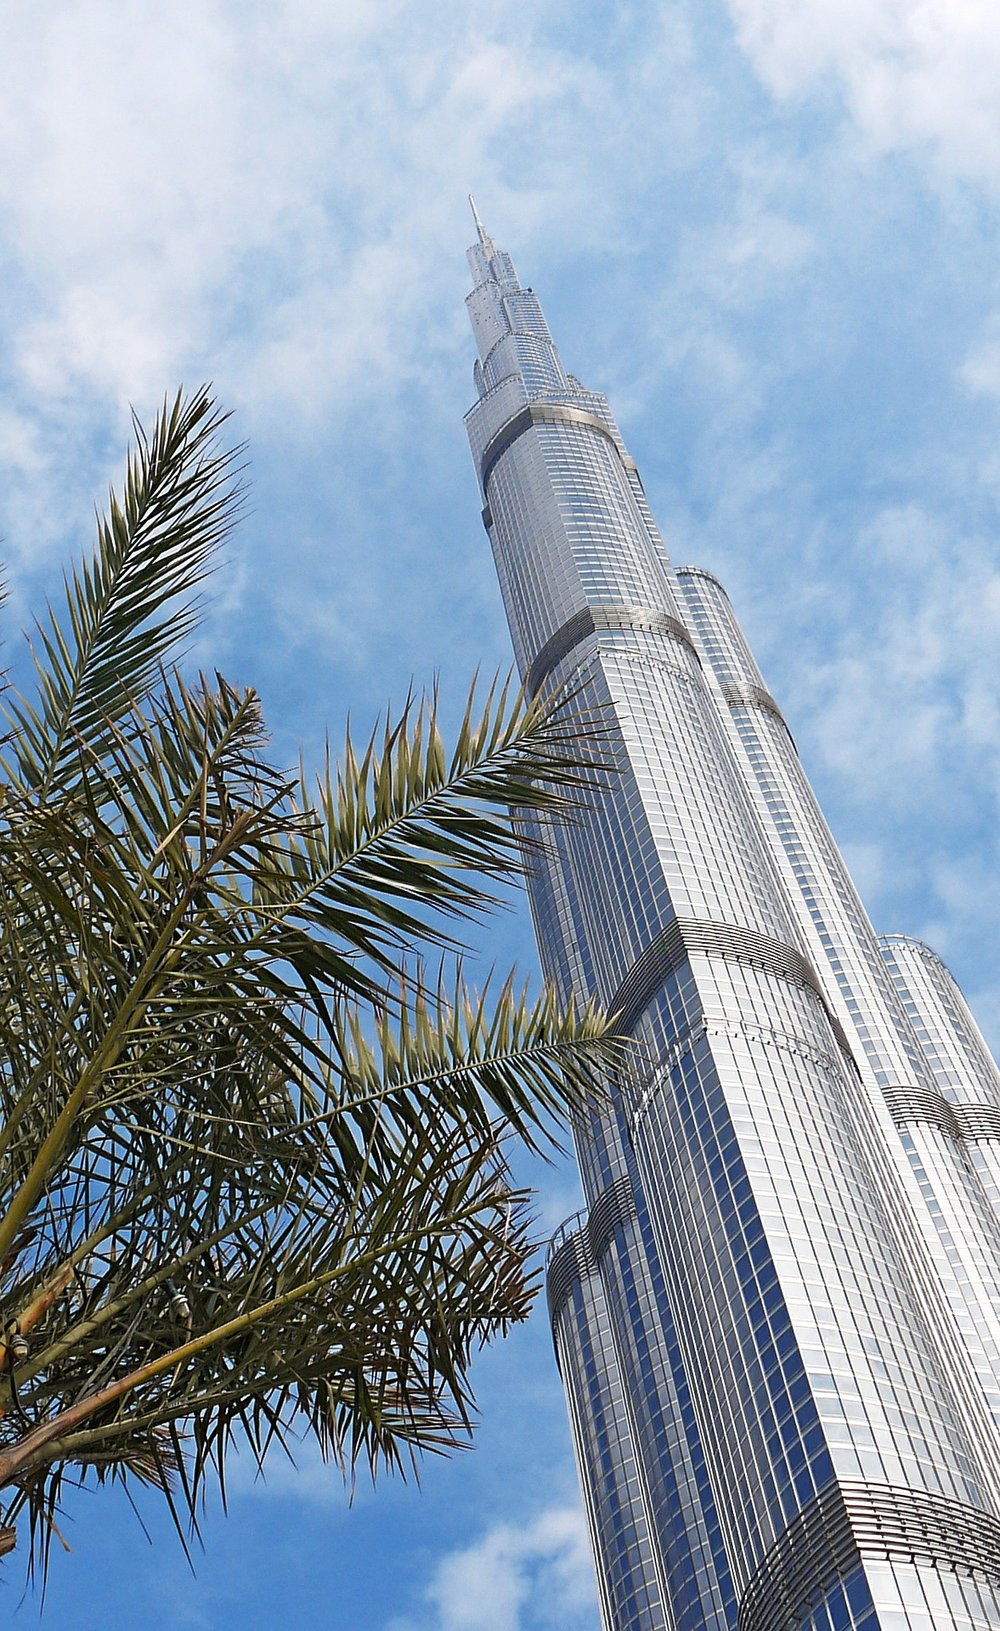 burj-khalifa-618056_1920.jpg